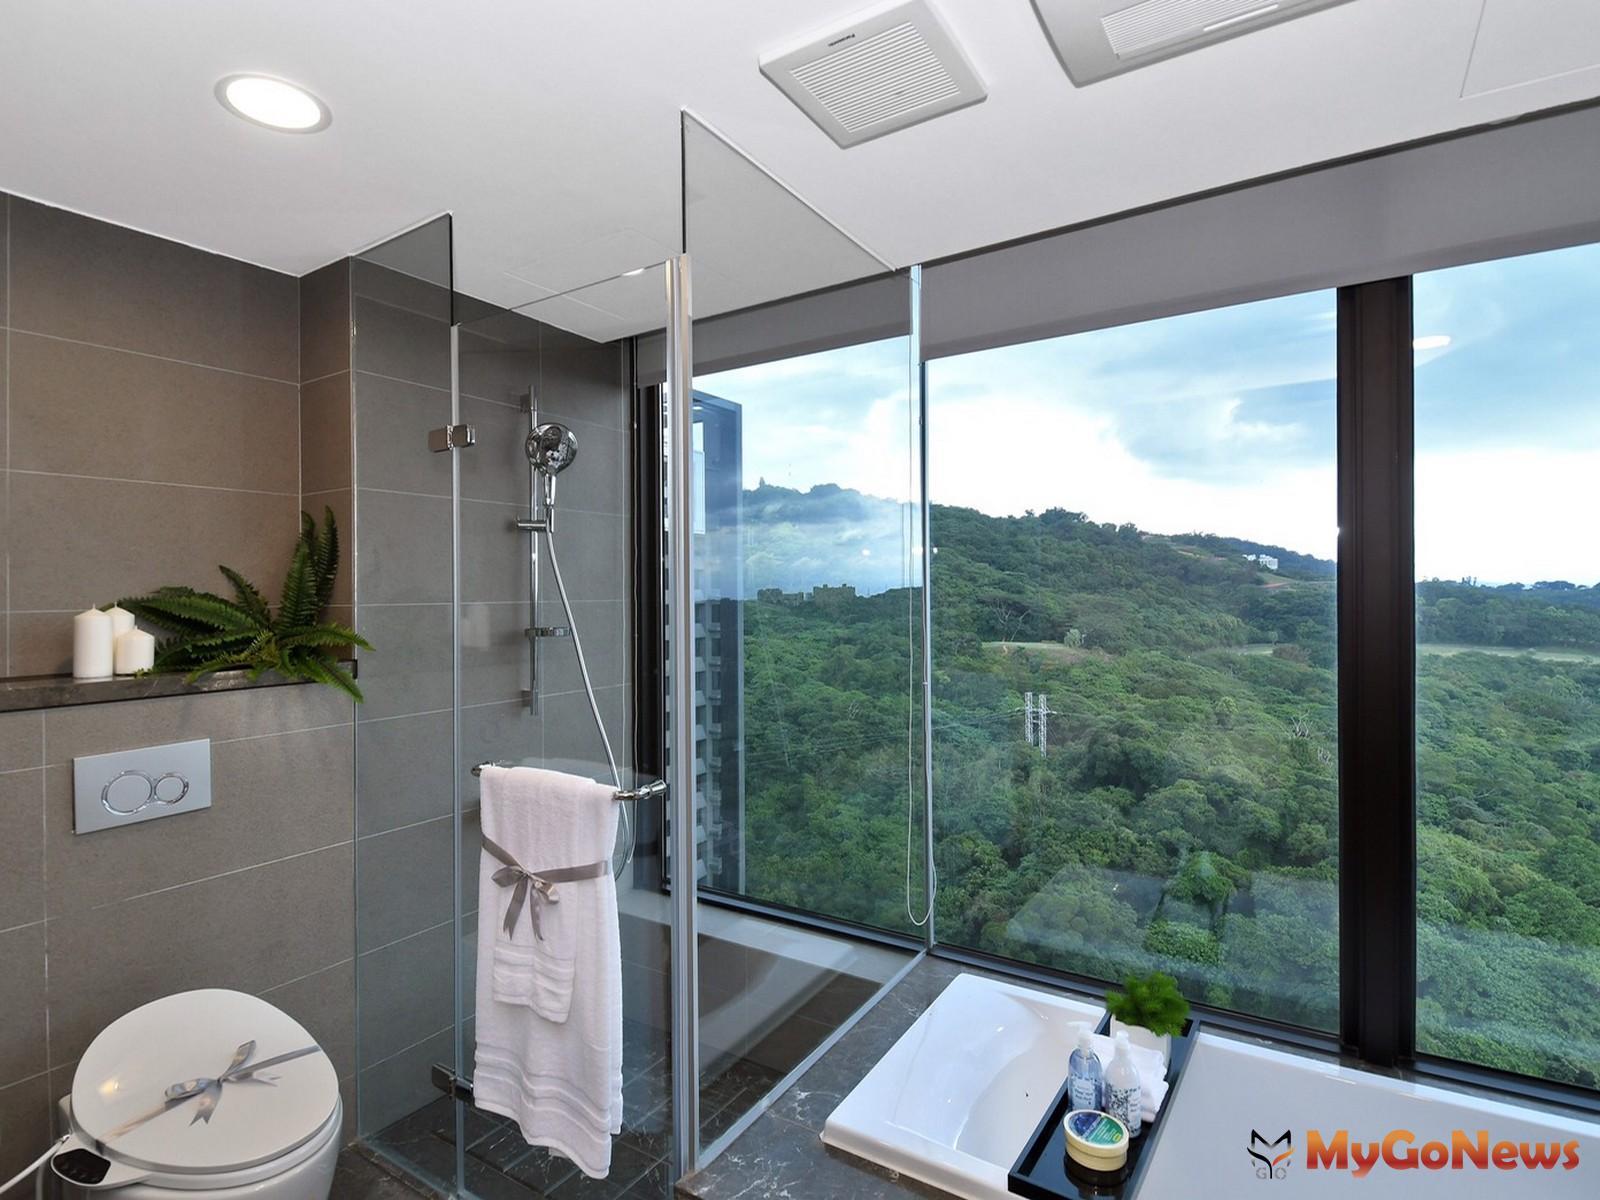 設計軟實力比一比「浴室永遠擺在視野最好的地方」,鄉林25年前就享受衛浴大片落地窗景,開窗邊間與降板浴缸(圖:鄉林建設) MyGoNews房地產新聞 市場快訊